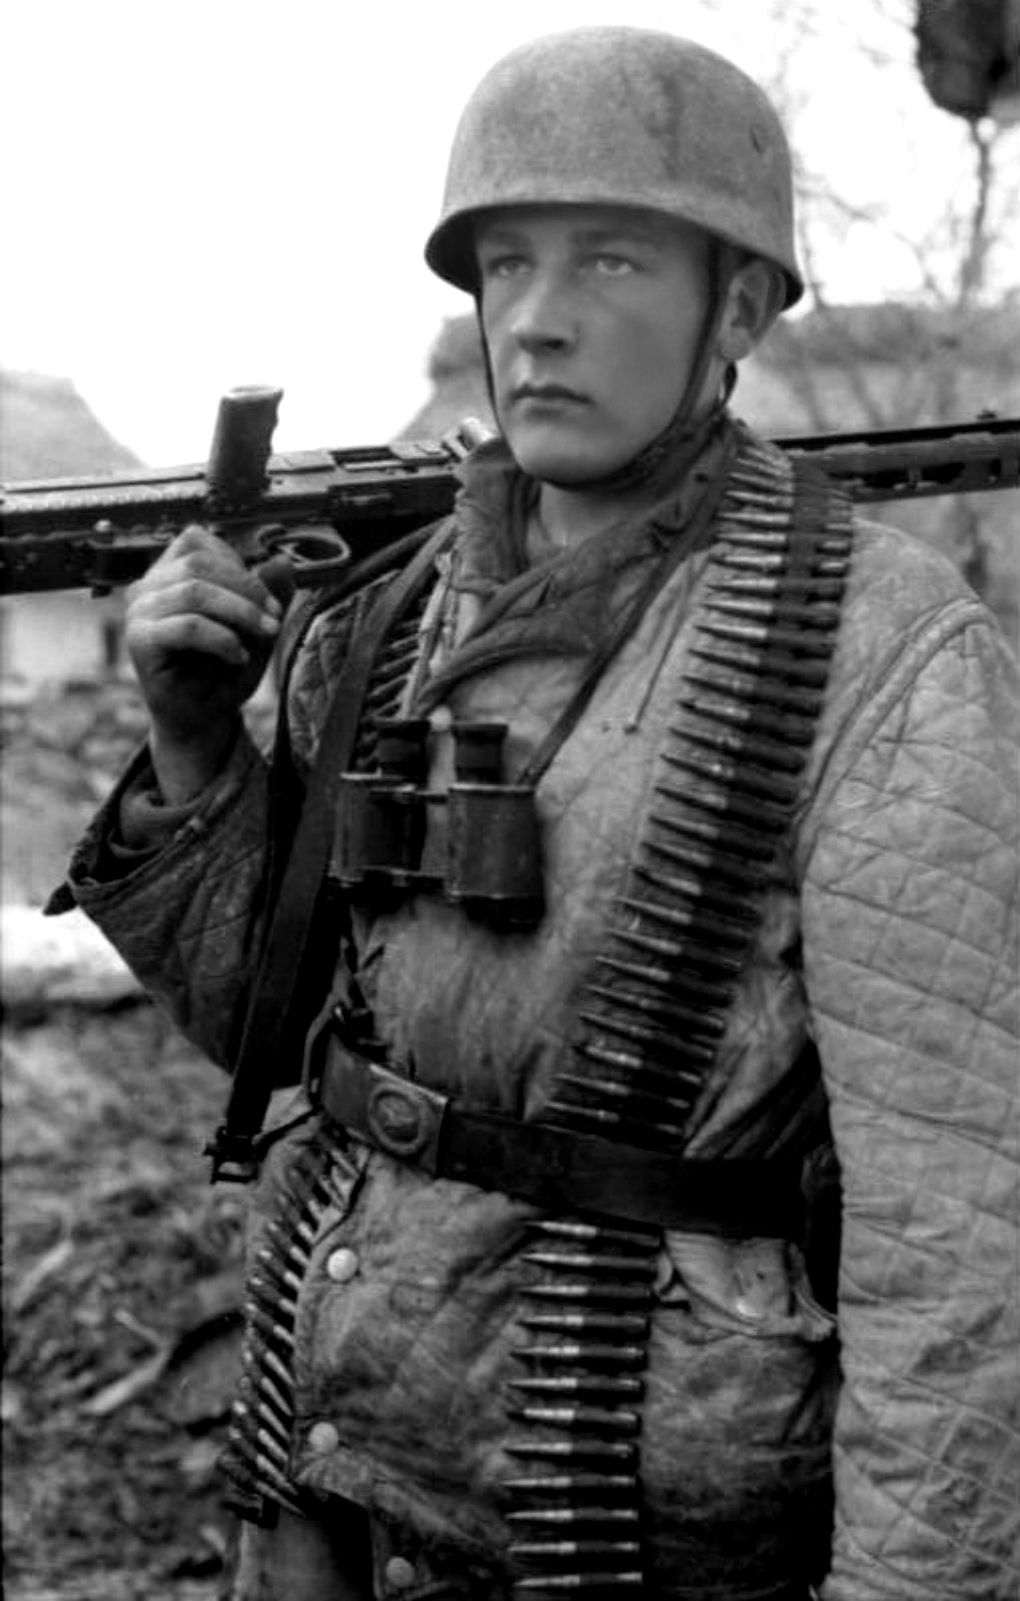 Portrait of a German Fallschirmjäger (paratrooper) with an ...